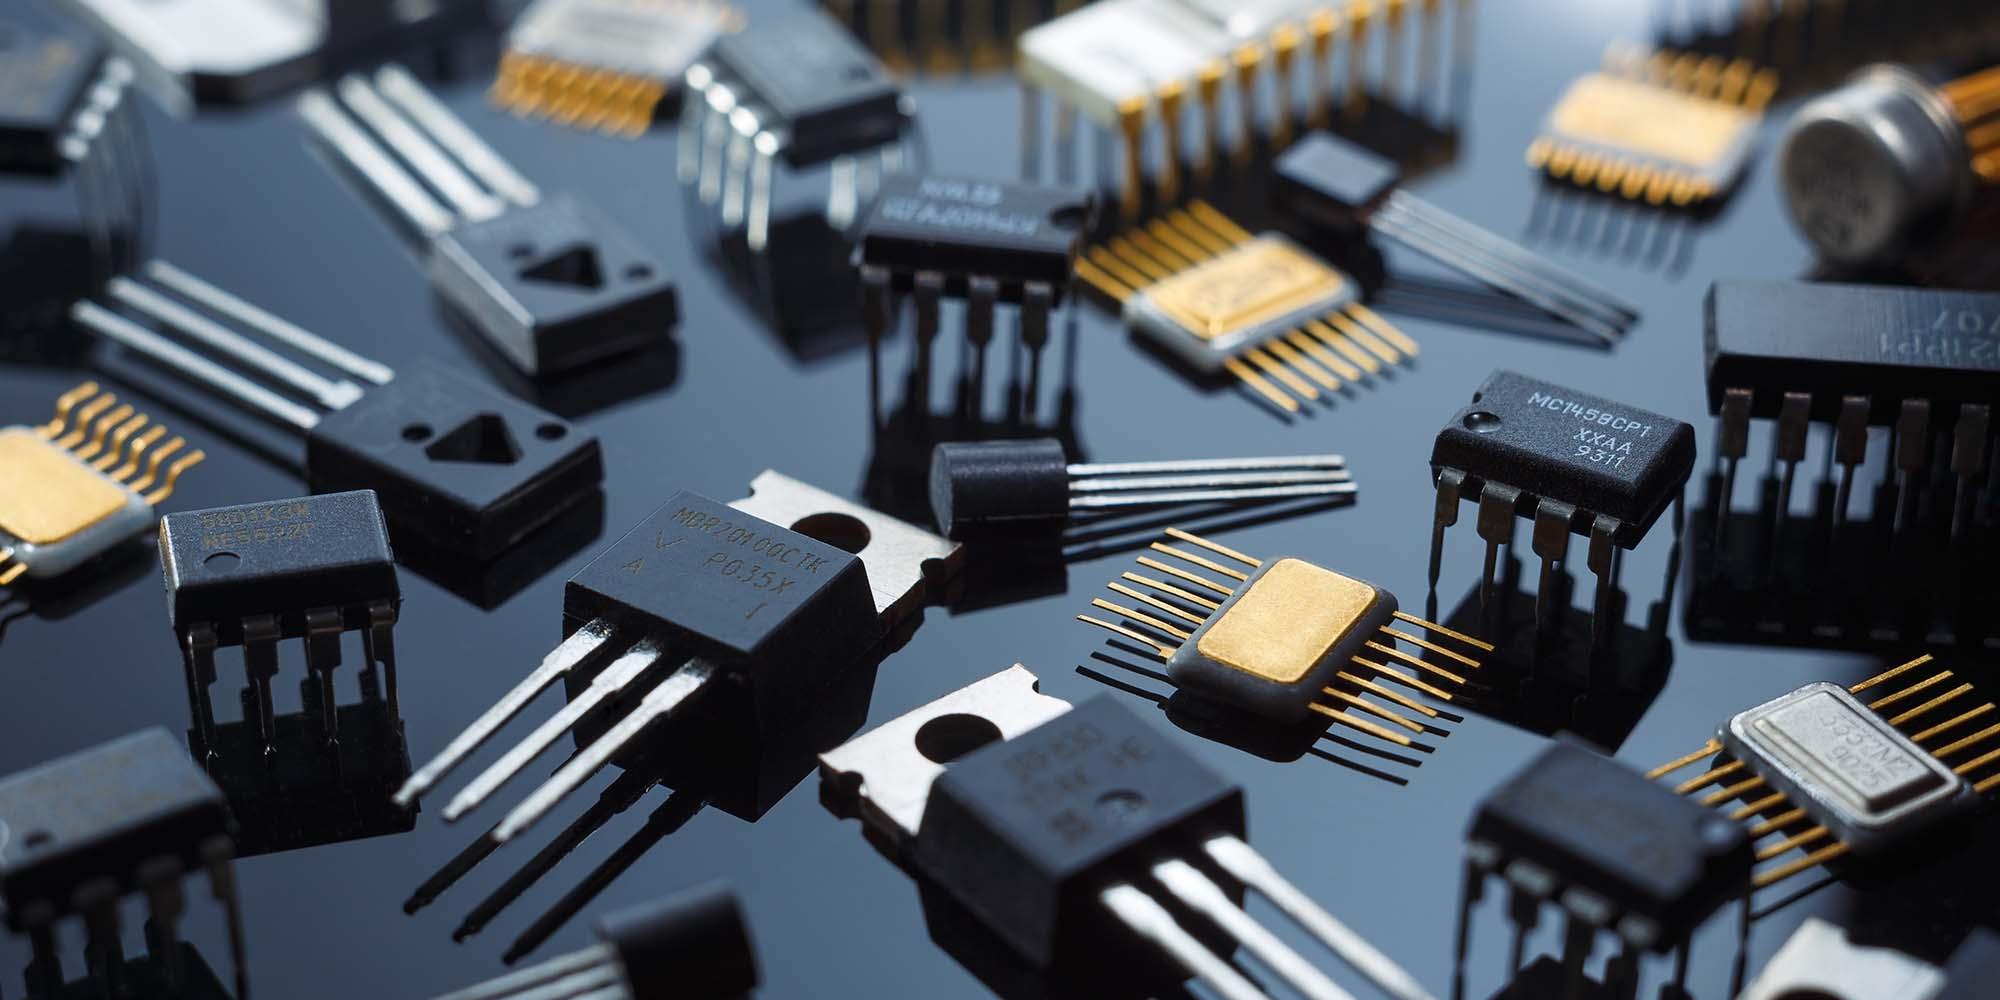 Elektronik- und Komponenten-Markt Update 2021